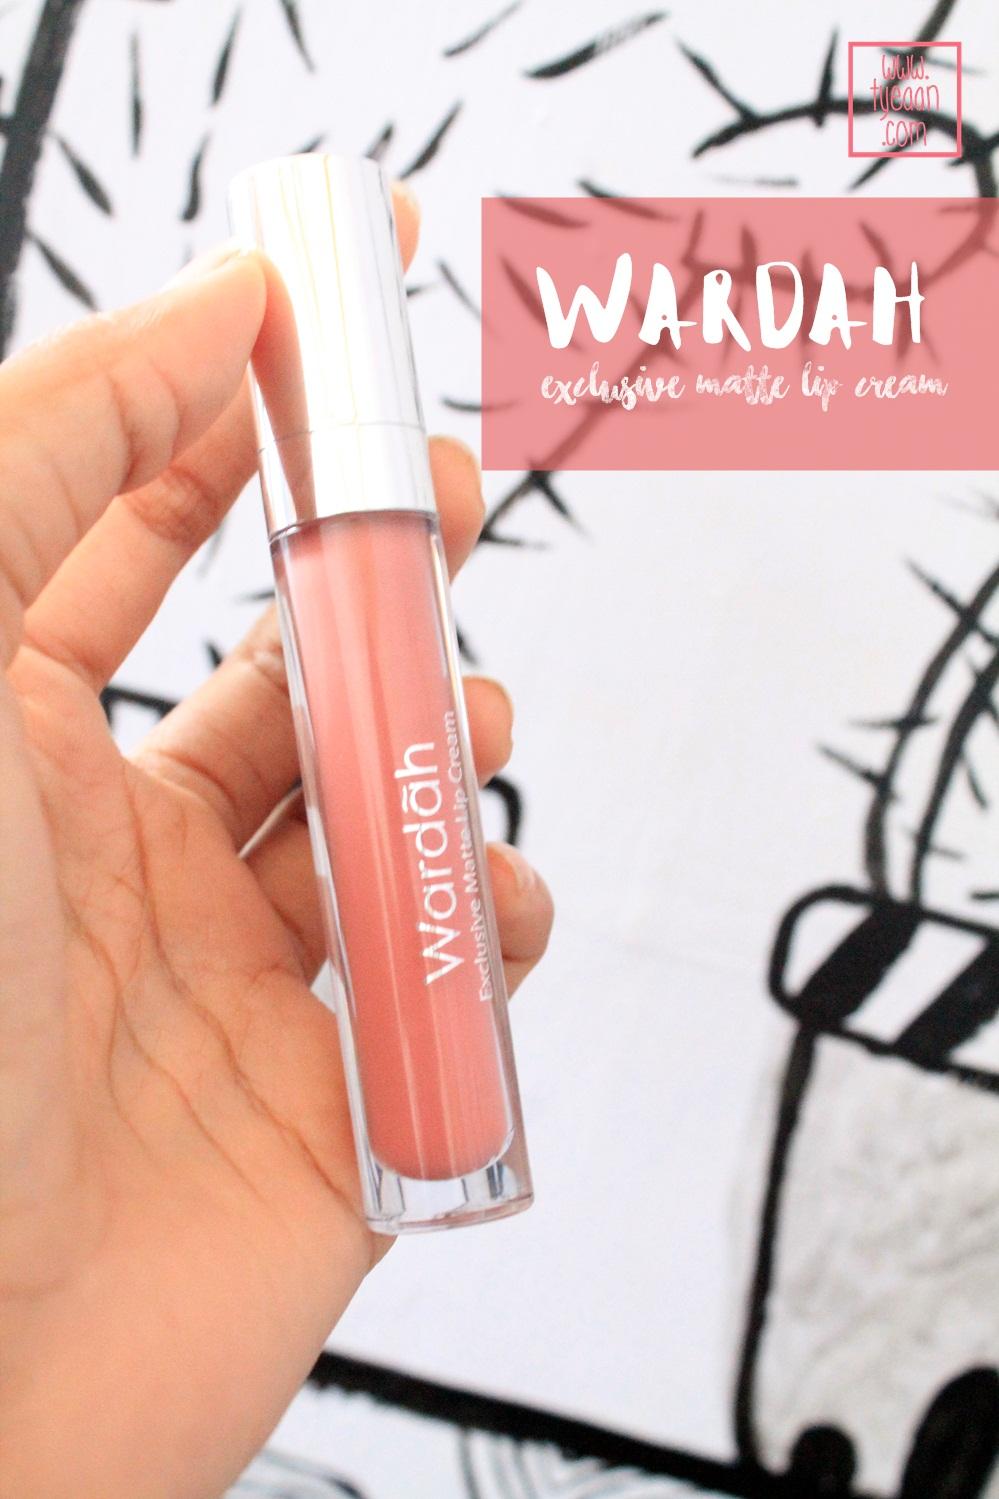 Review Wardah Exclusive Matte Lip Cream Tyeaan Hollaaa Manteman Semuaa Im Back Kali Ini Aku Akan Mereview Salah Satu Produk Dari Yaitu Exclusice Menurut Yang